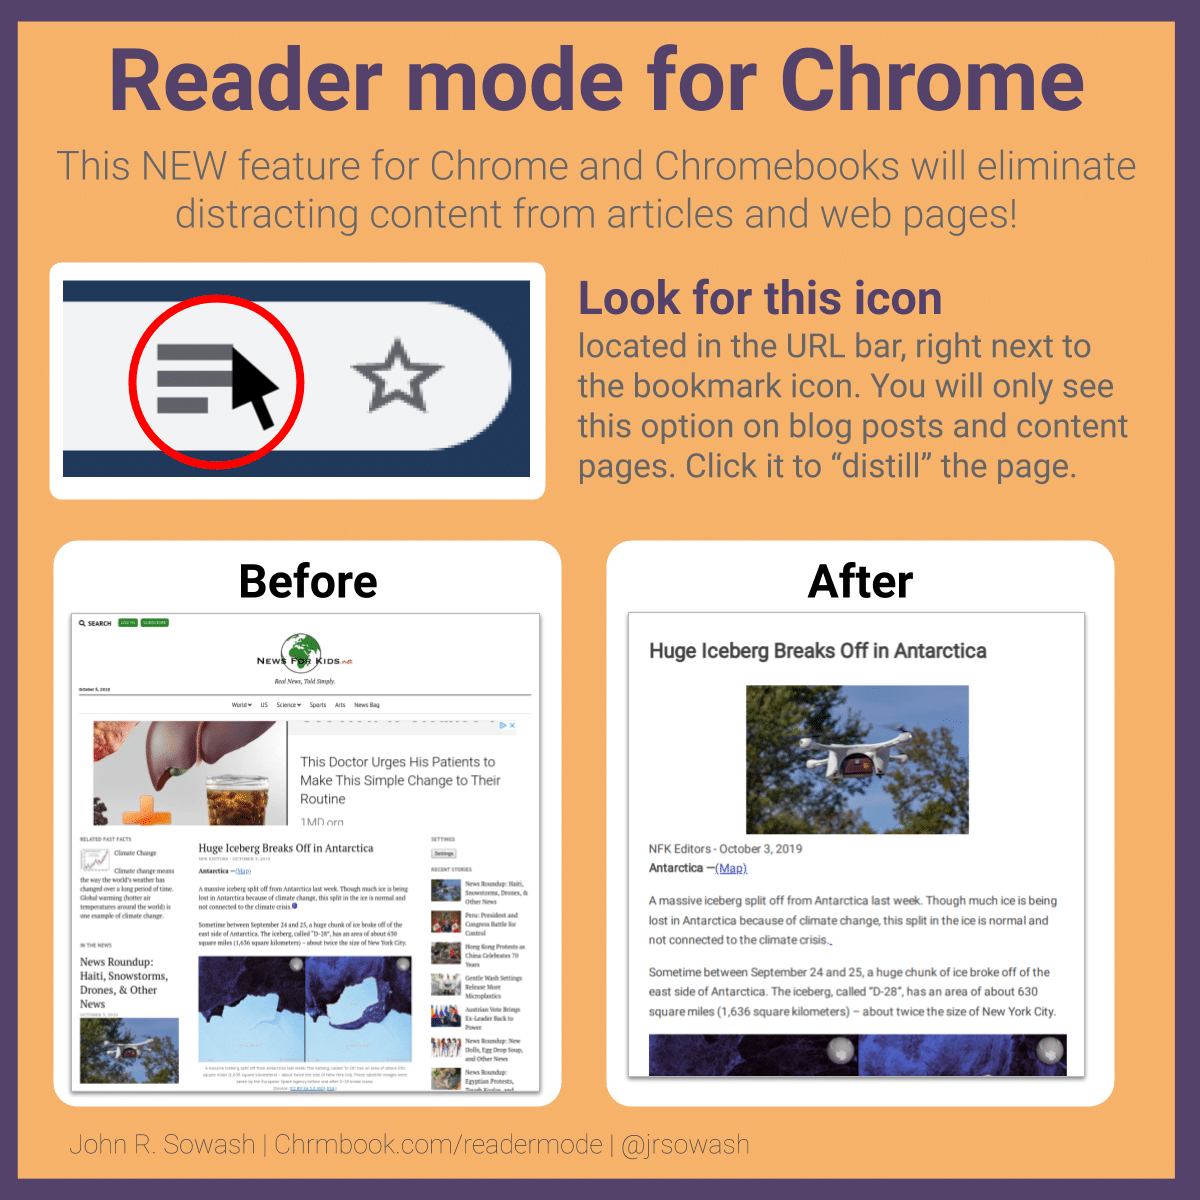 Reader mode for Chrome